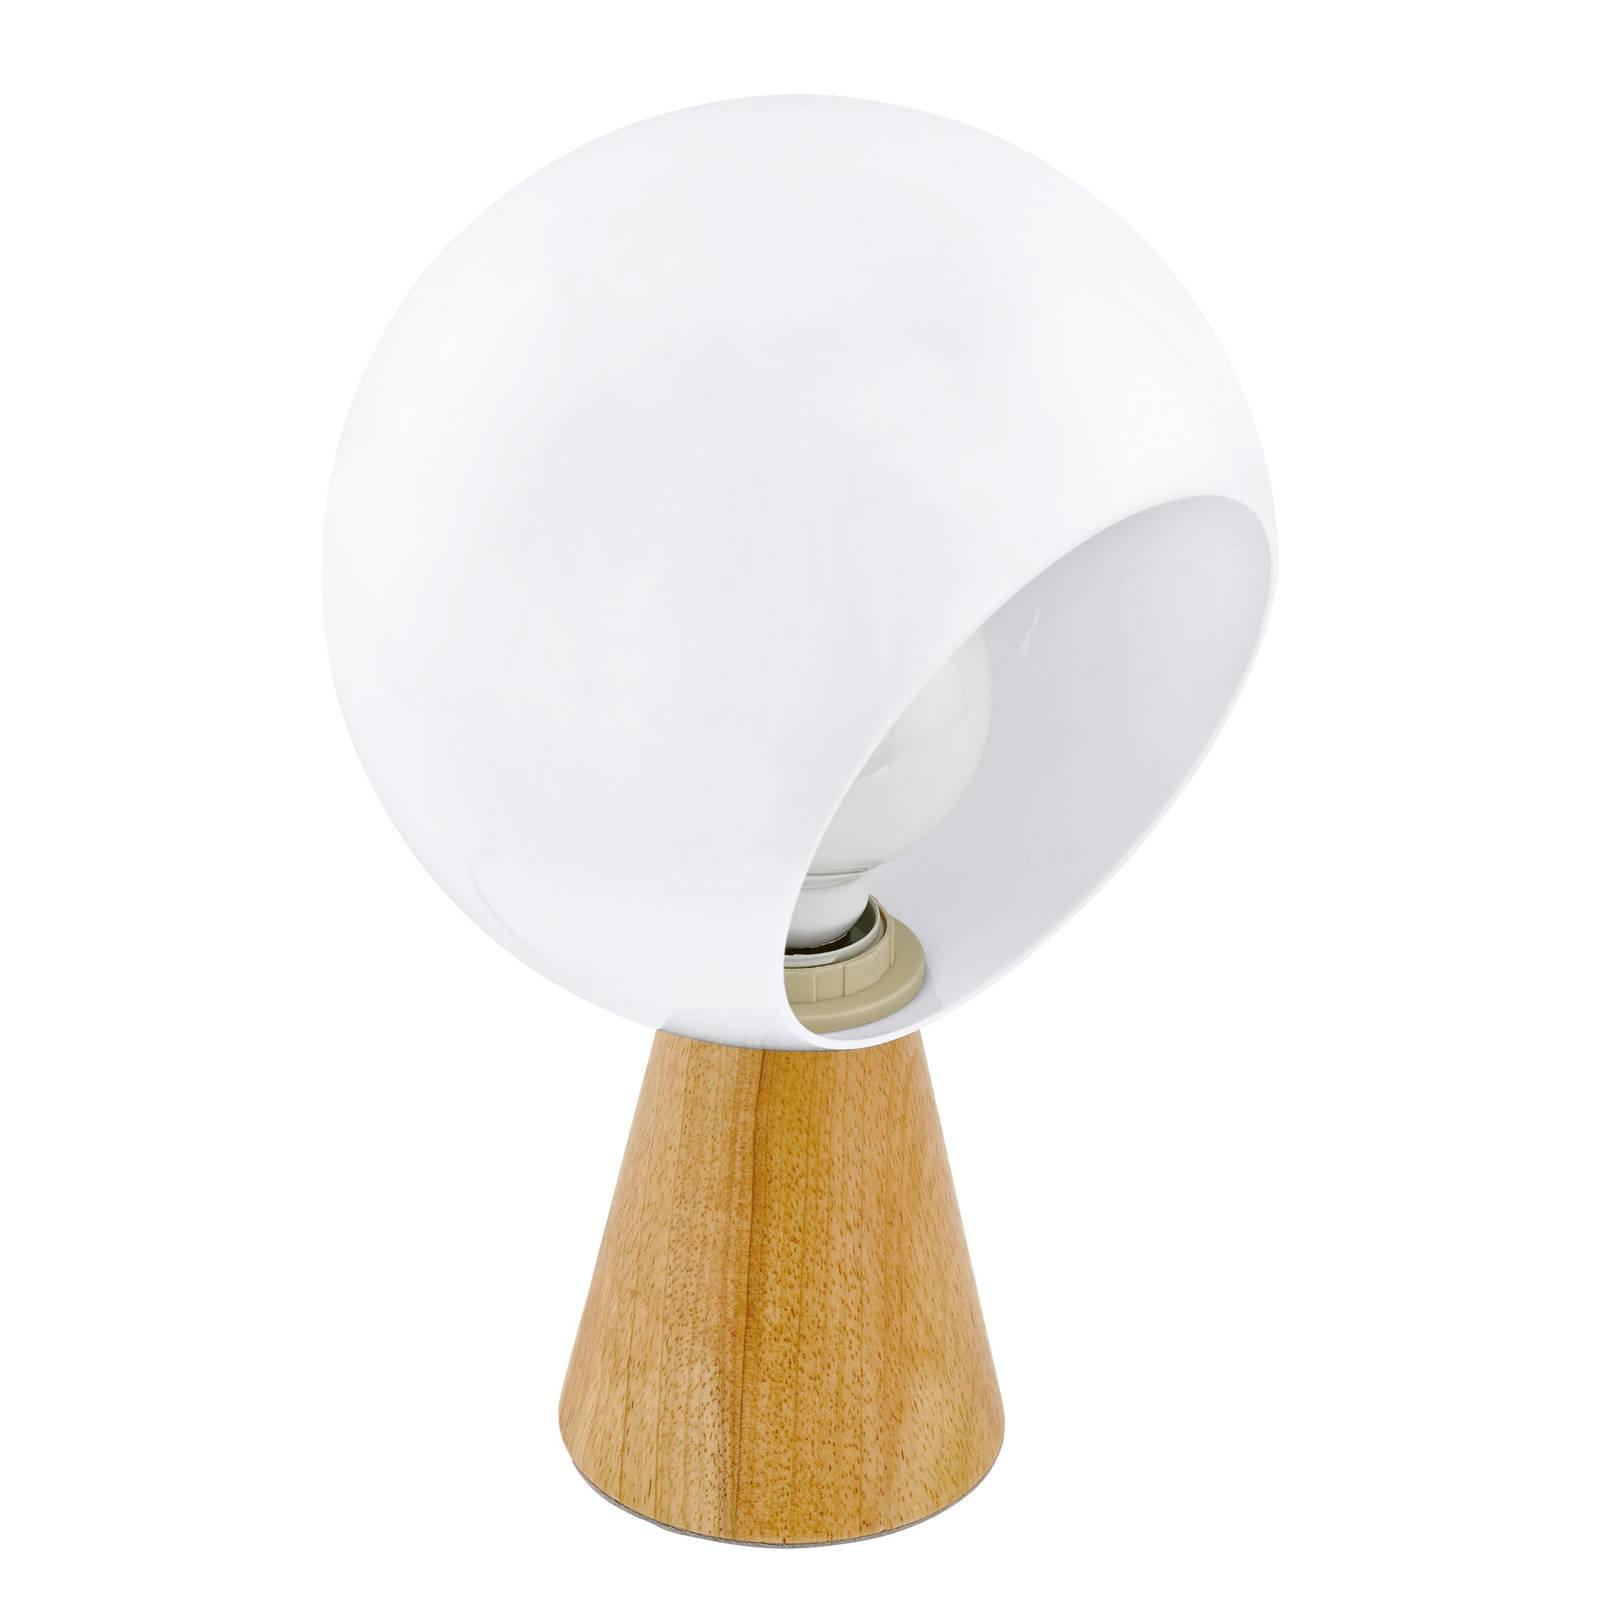 Bordlampe Mamblas med trefot og kuleskjerm